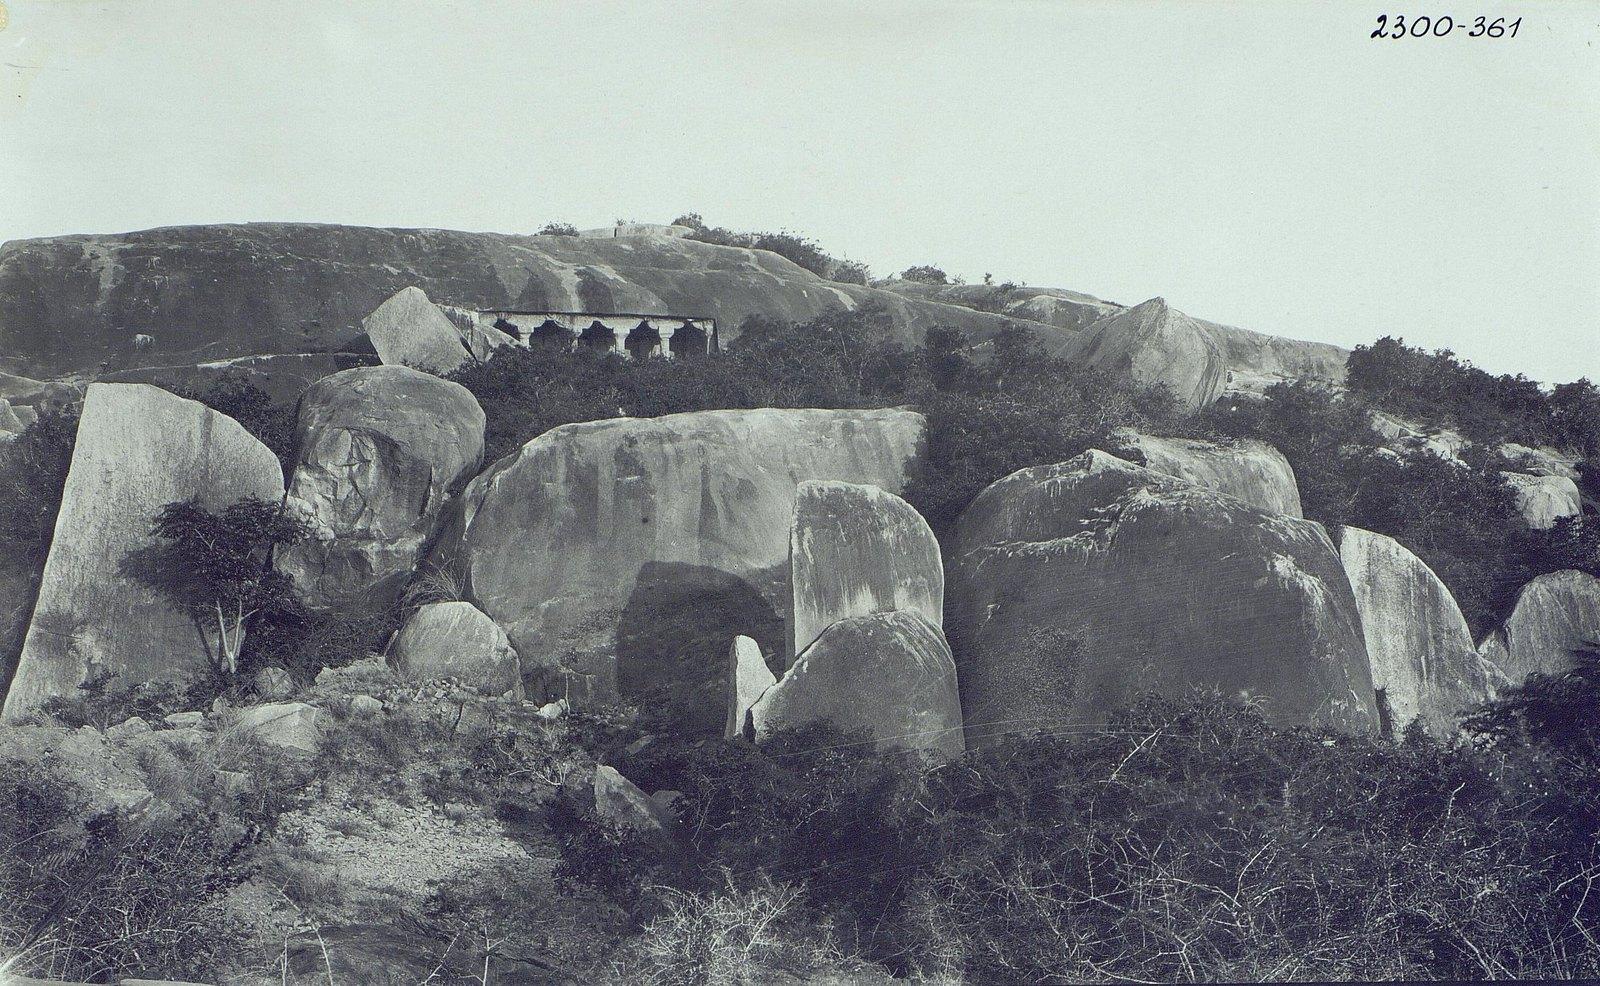 Мамаллапур (пещерный храм. Общий вид)